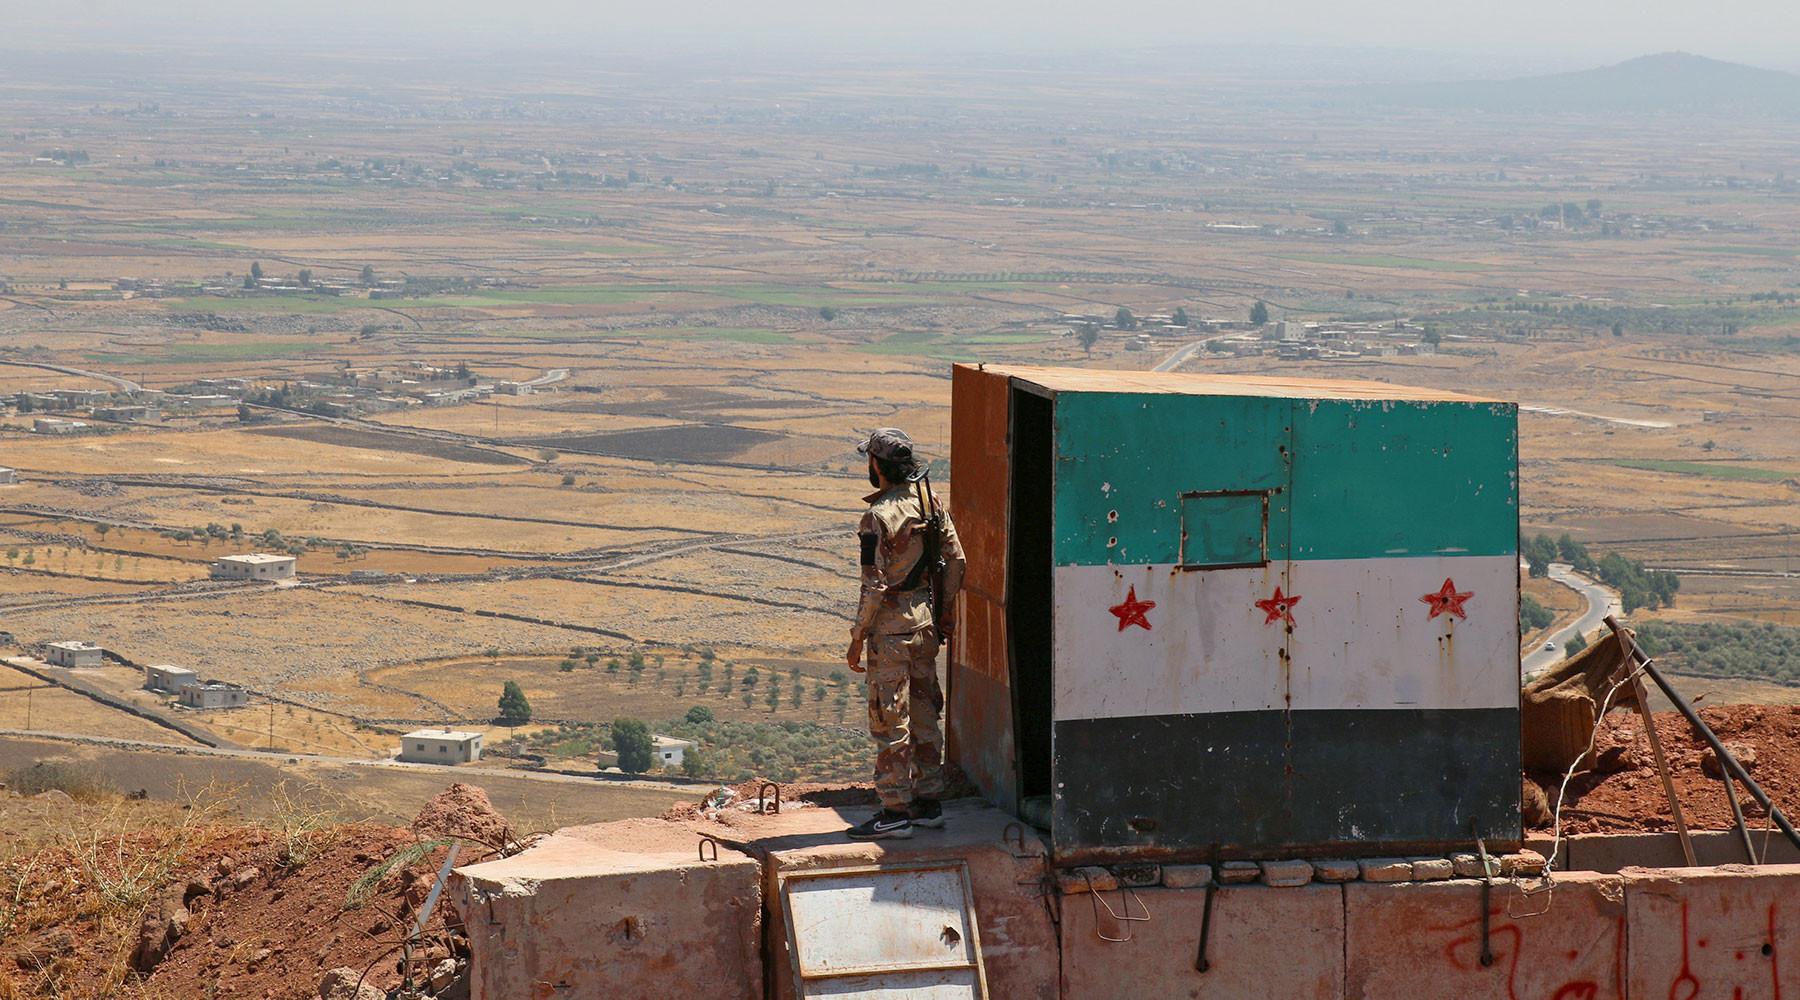 почему ВВС Израиля нанесли удар по позициям сирийской армии в провинции Хама»